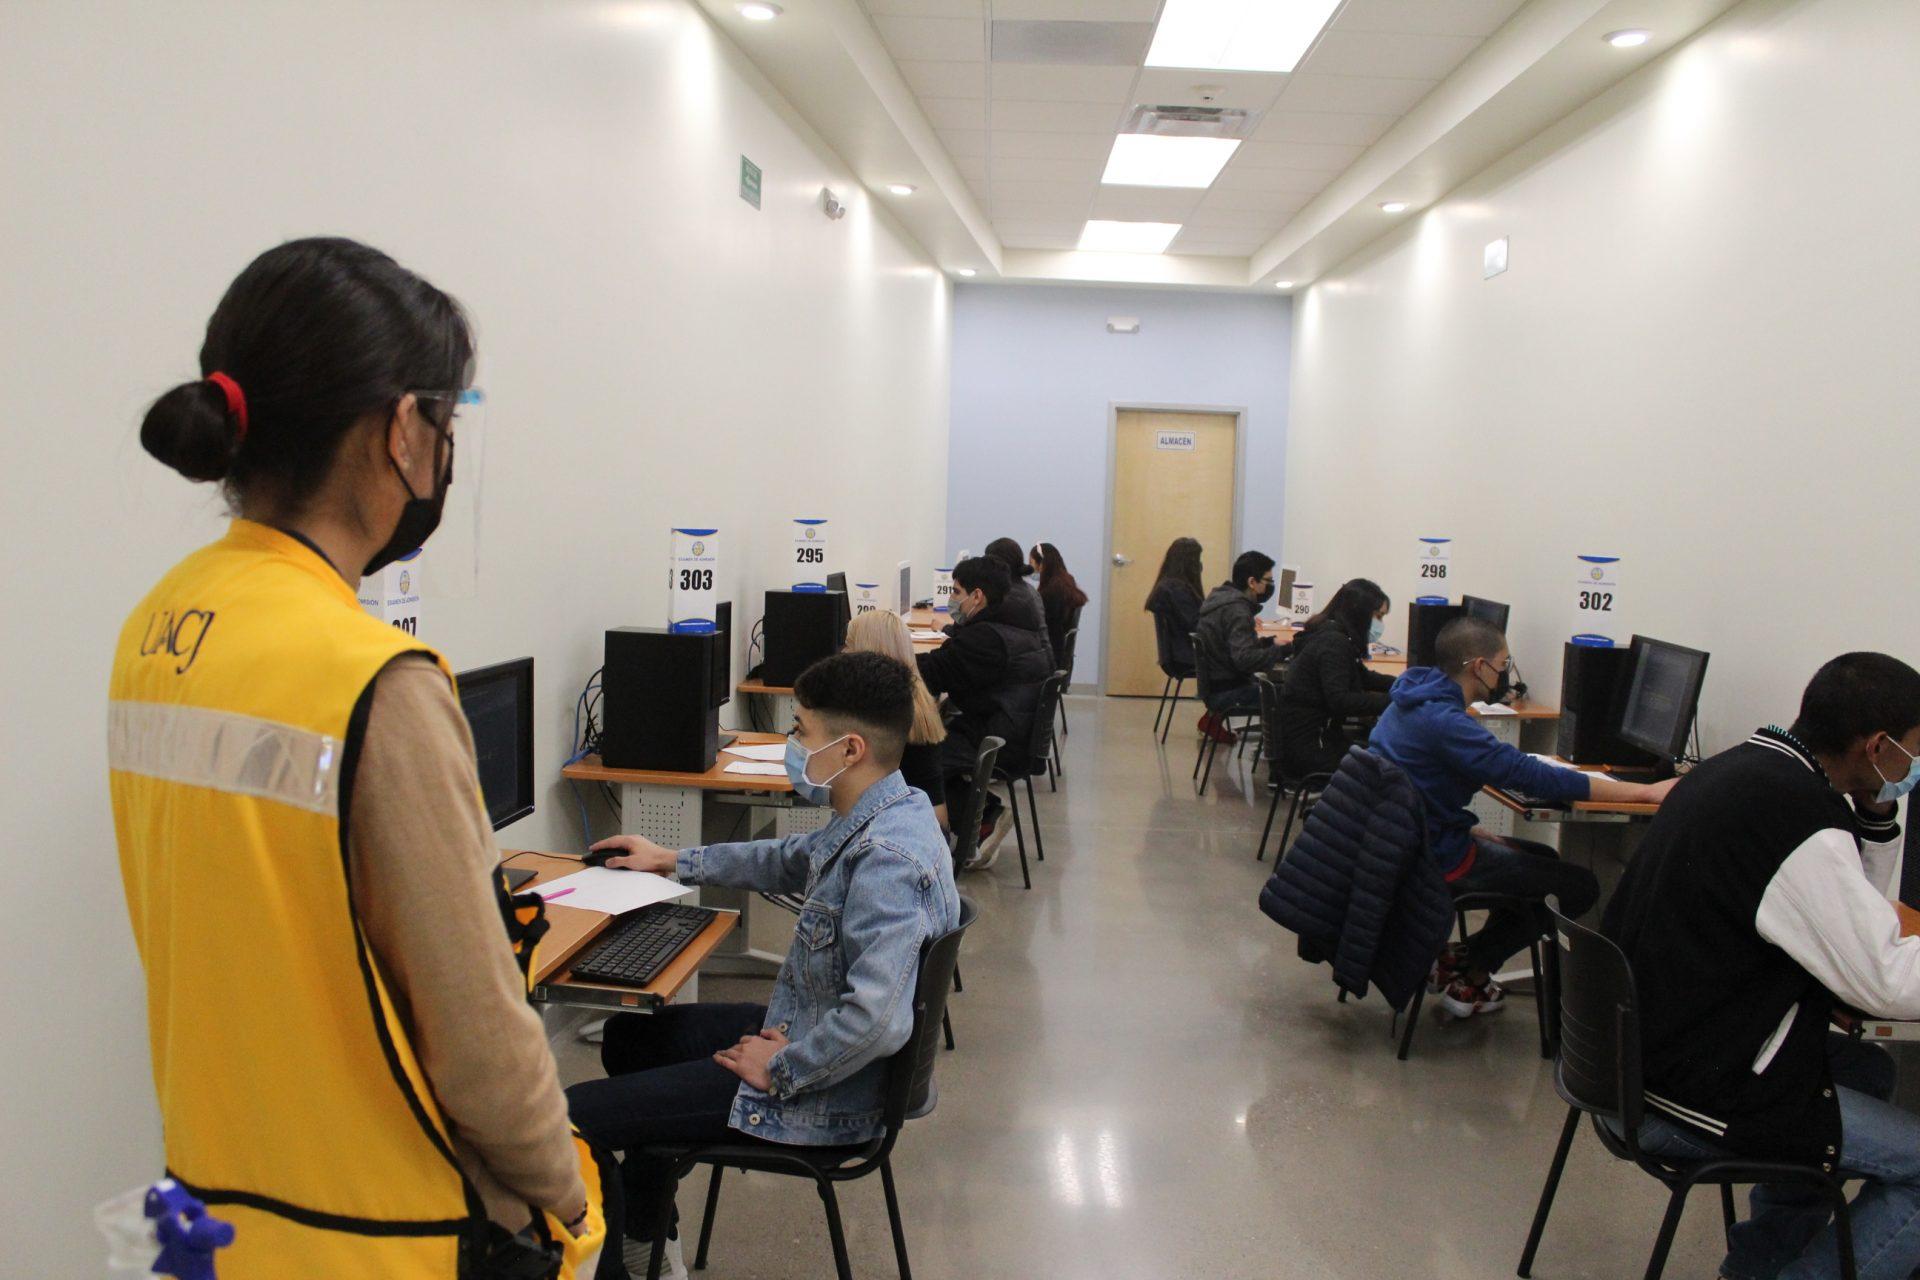 Tendrá la UACJ más de 8 mil alumnos nuevos